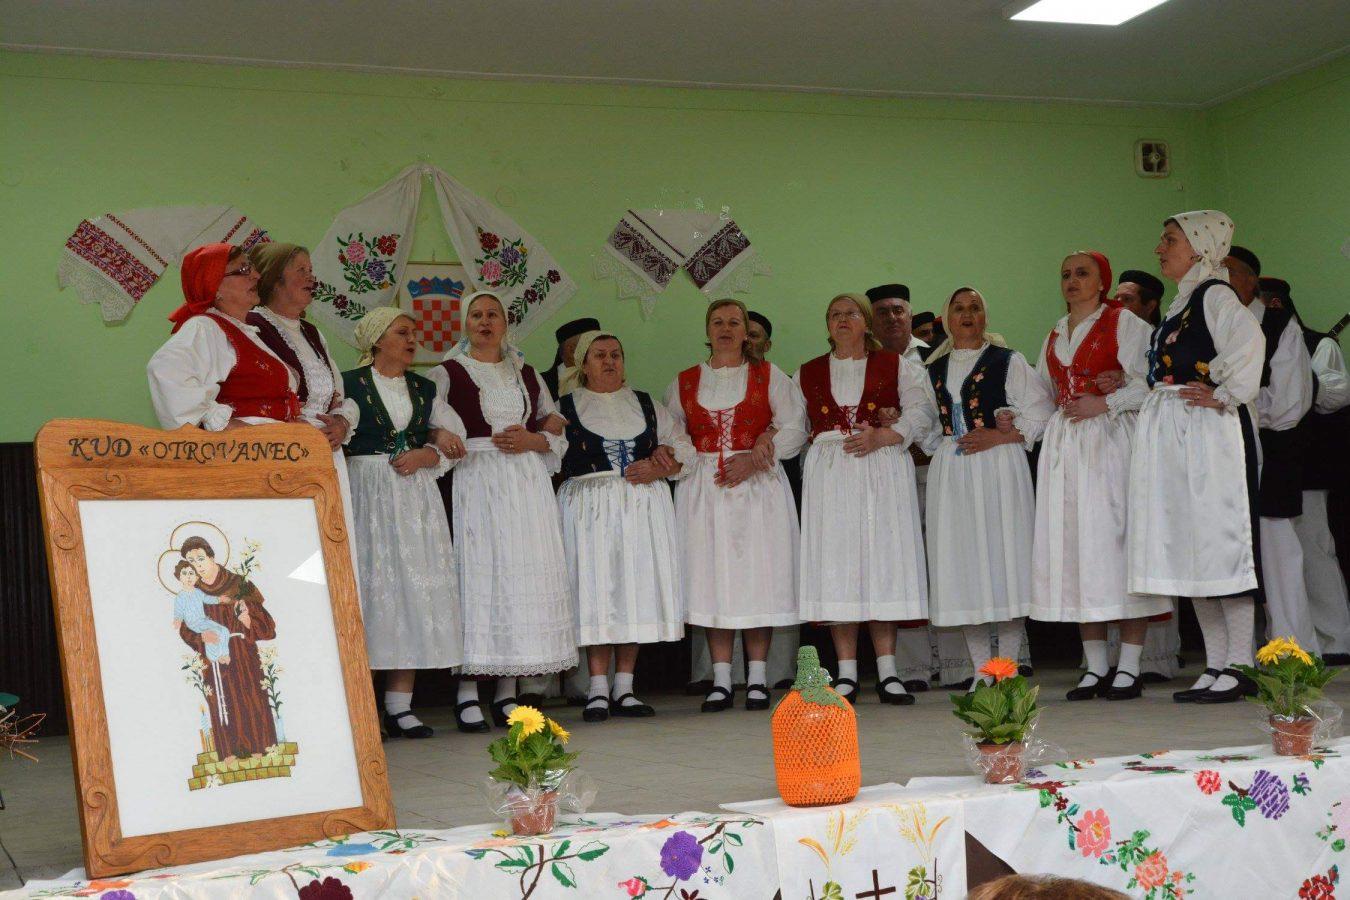 Folklorni susreti u Otrovancu (21)